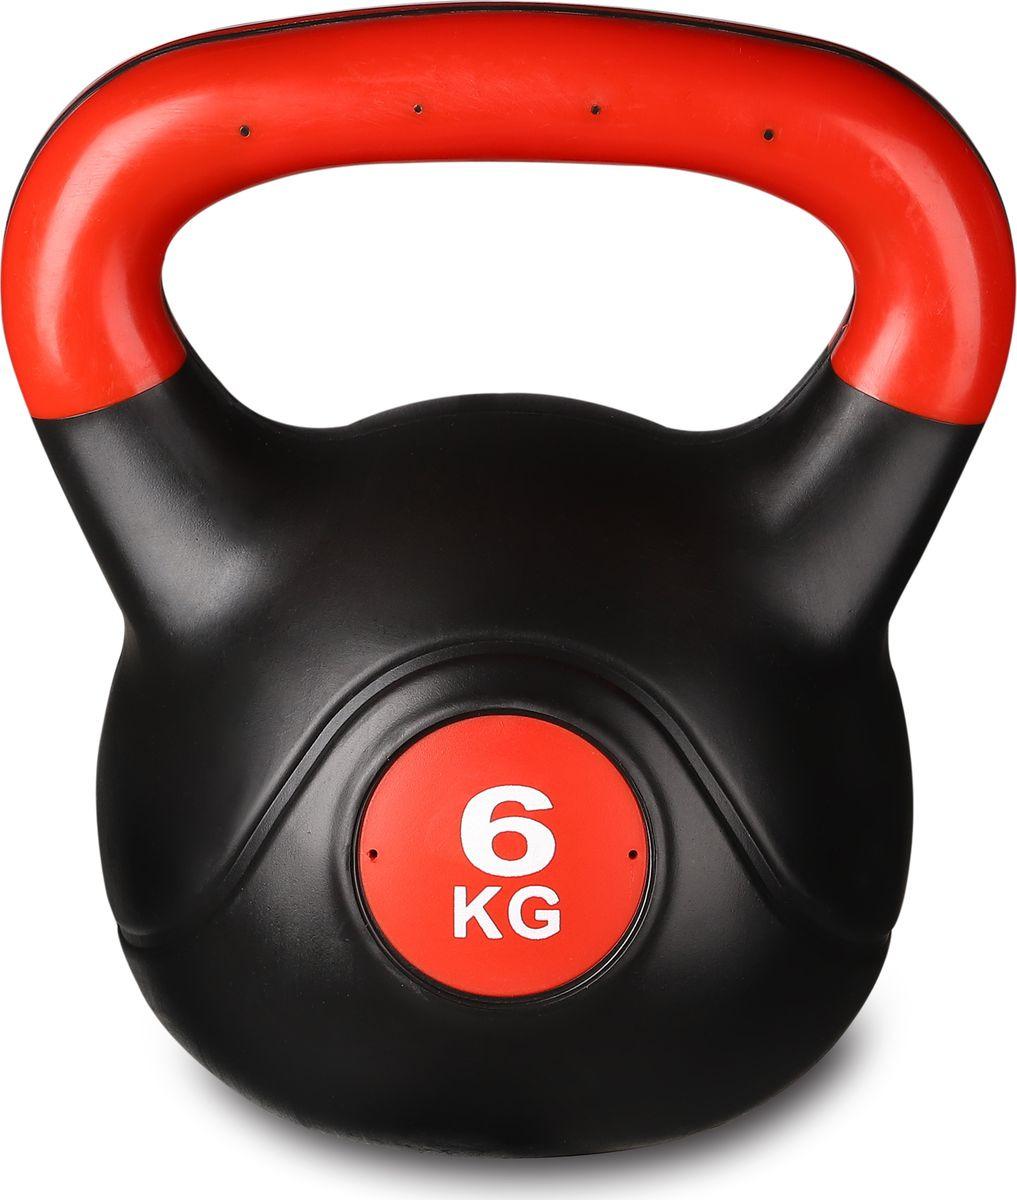 Гиря Indigo IN041, 00027649, черный, красный, 6 кг гиря цельная атлант 32 кг хром сталь